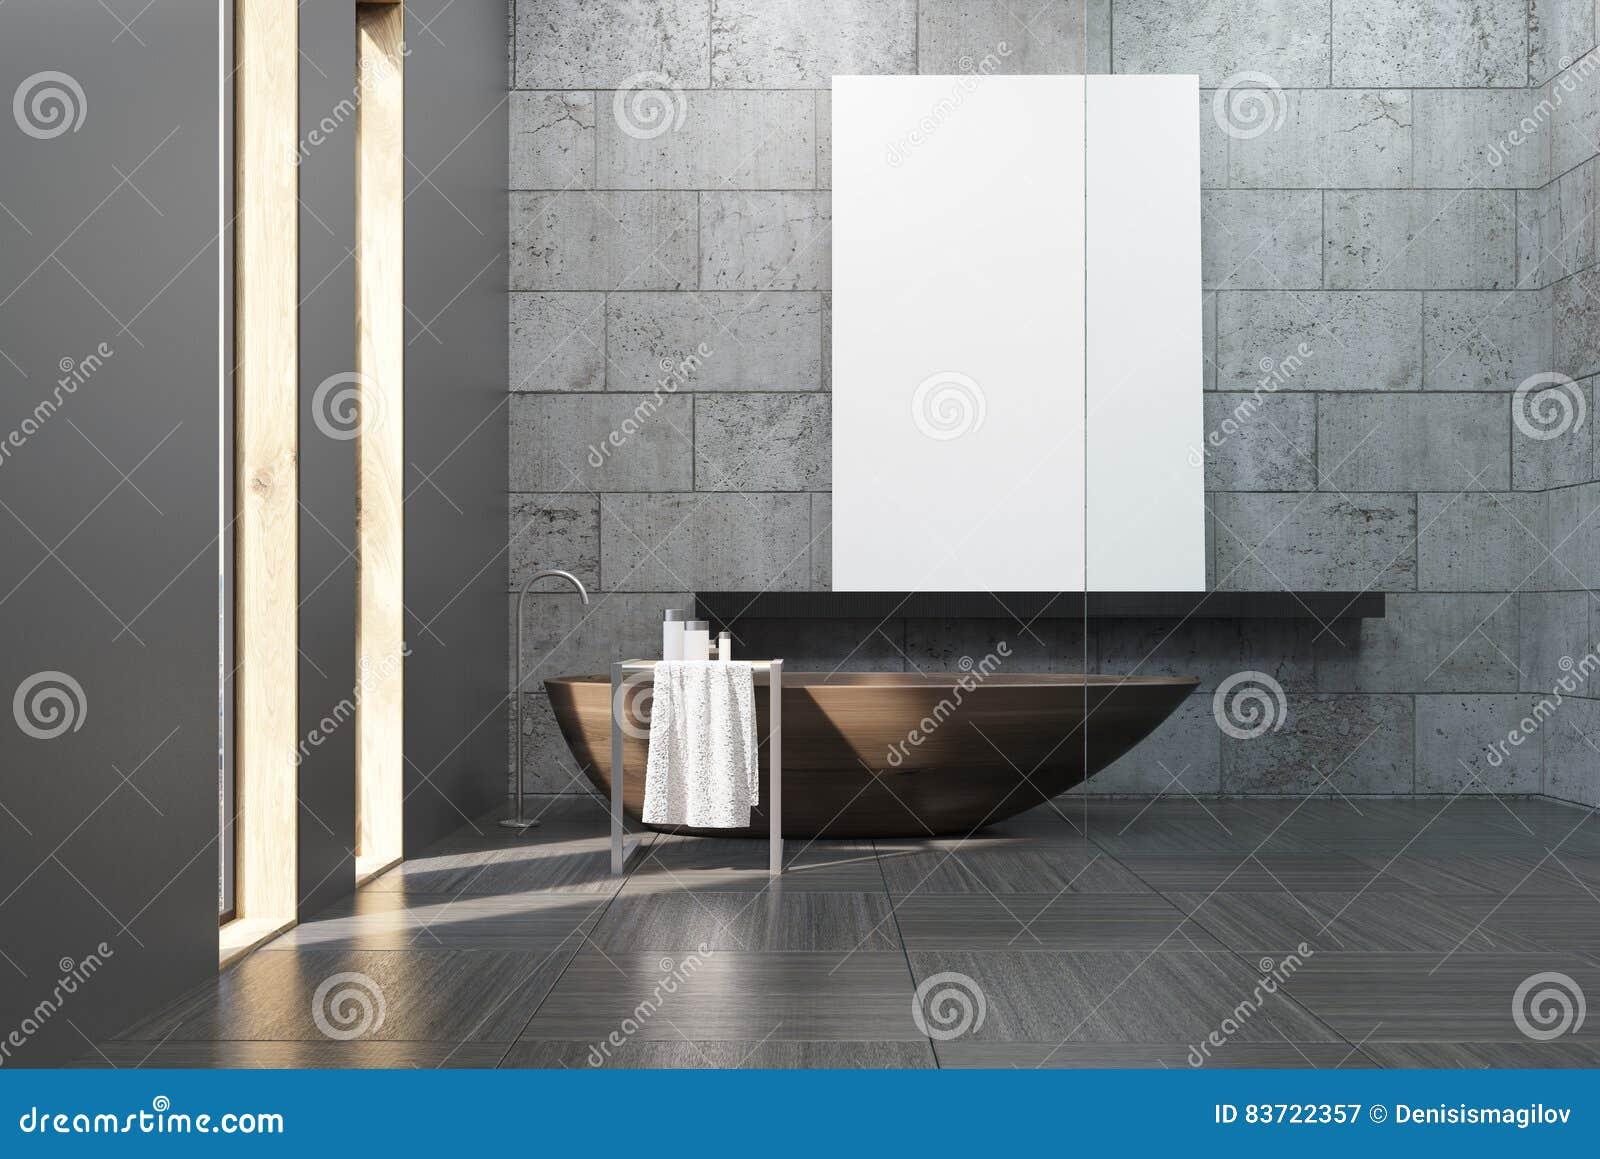 Det konkreta badrummet med trä badar och affischen